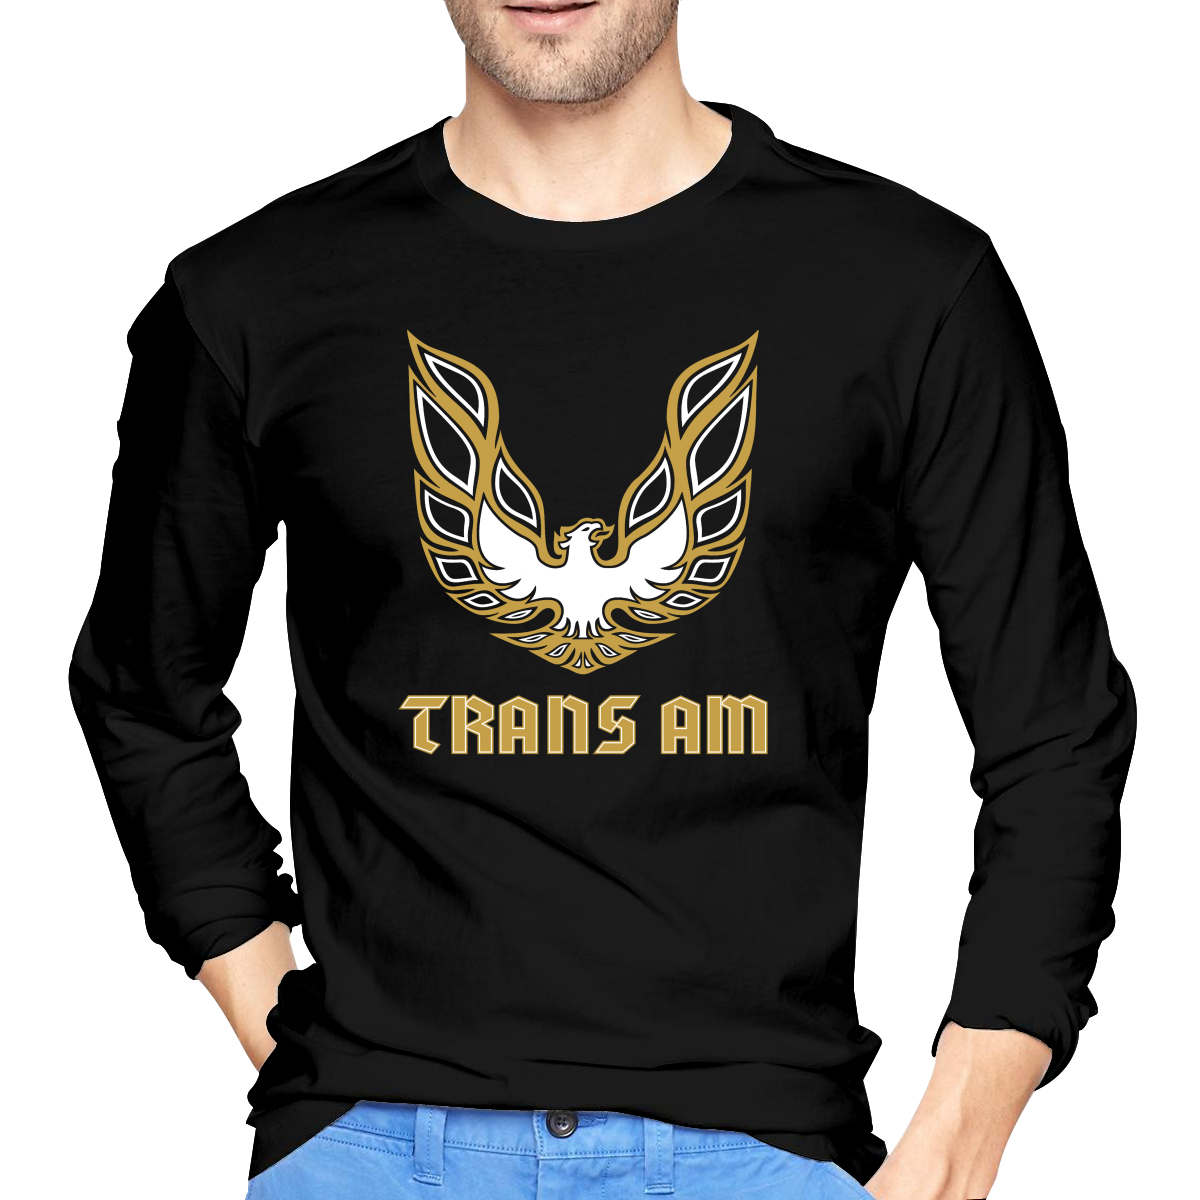 Trans Am жар с длинным рукавом Футболки, с вырезом под горло; Изготовленные из мягкой и удобной ткани, микроэластичный модный простой практичны...